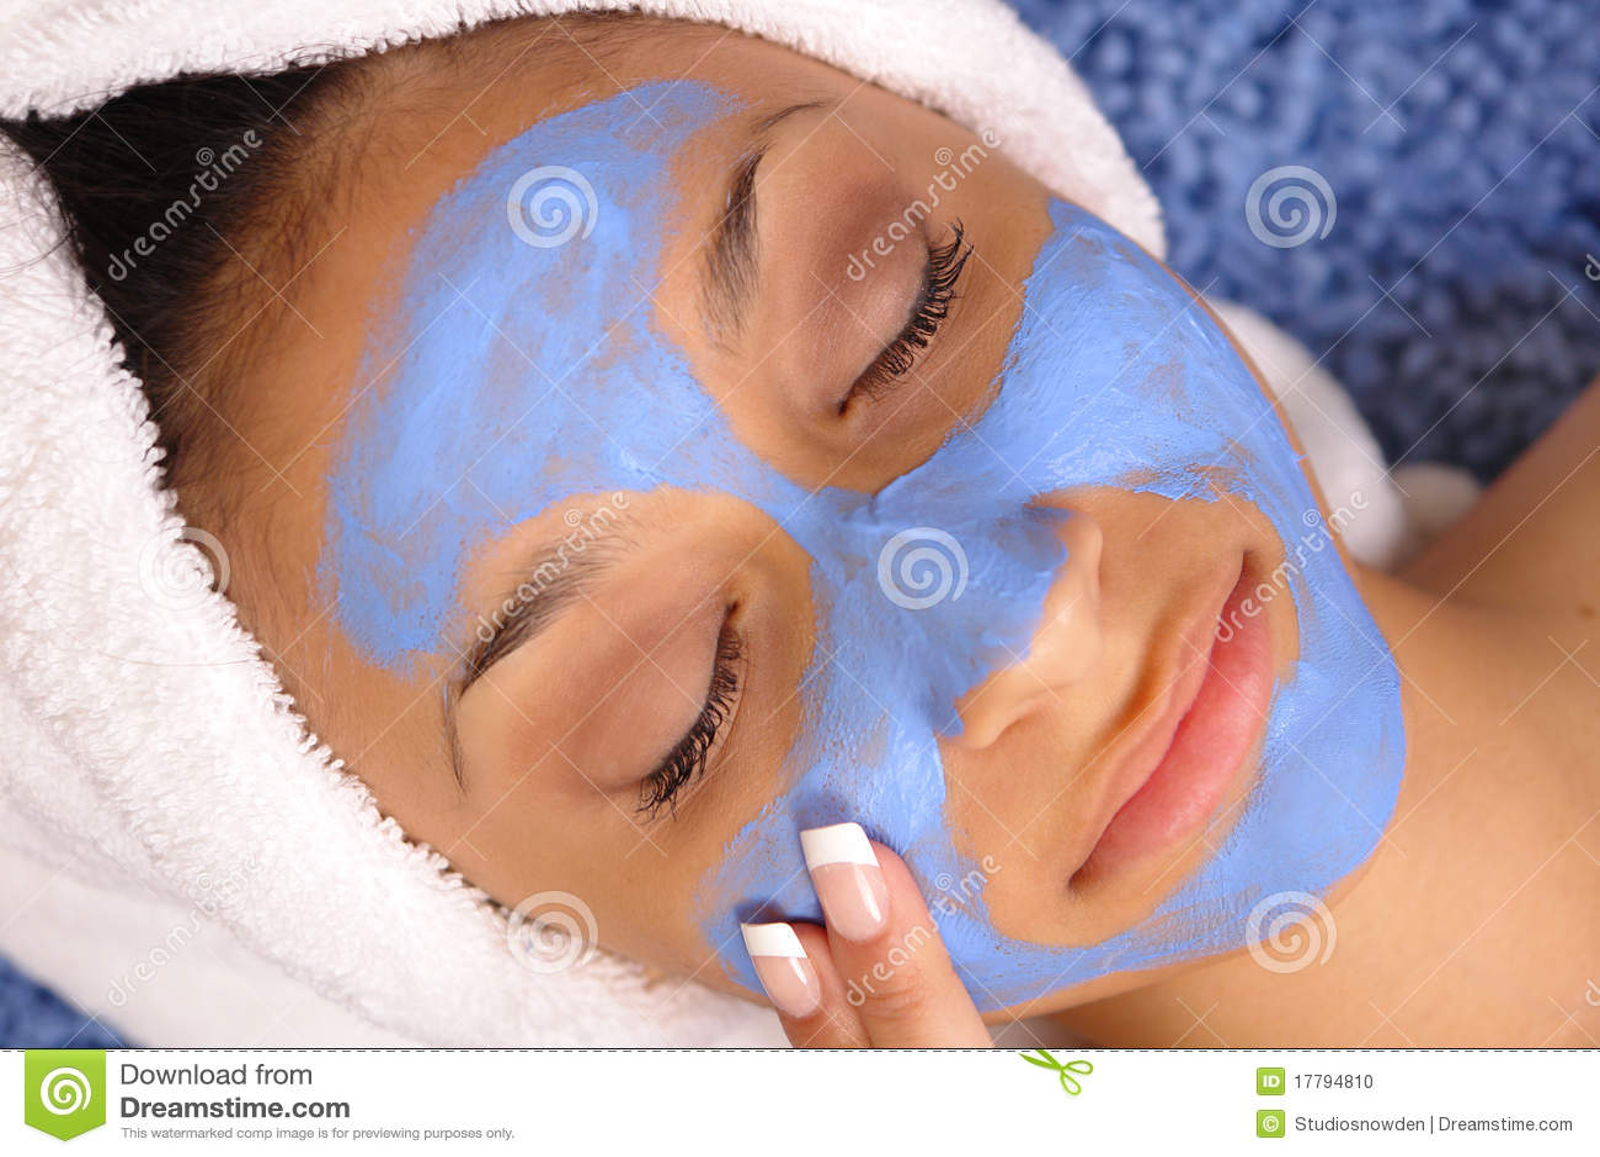 голубая лицевая спа